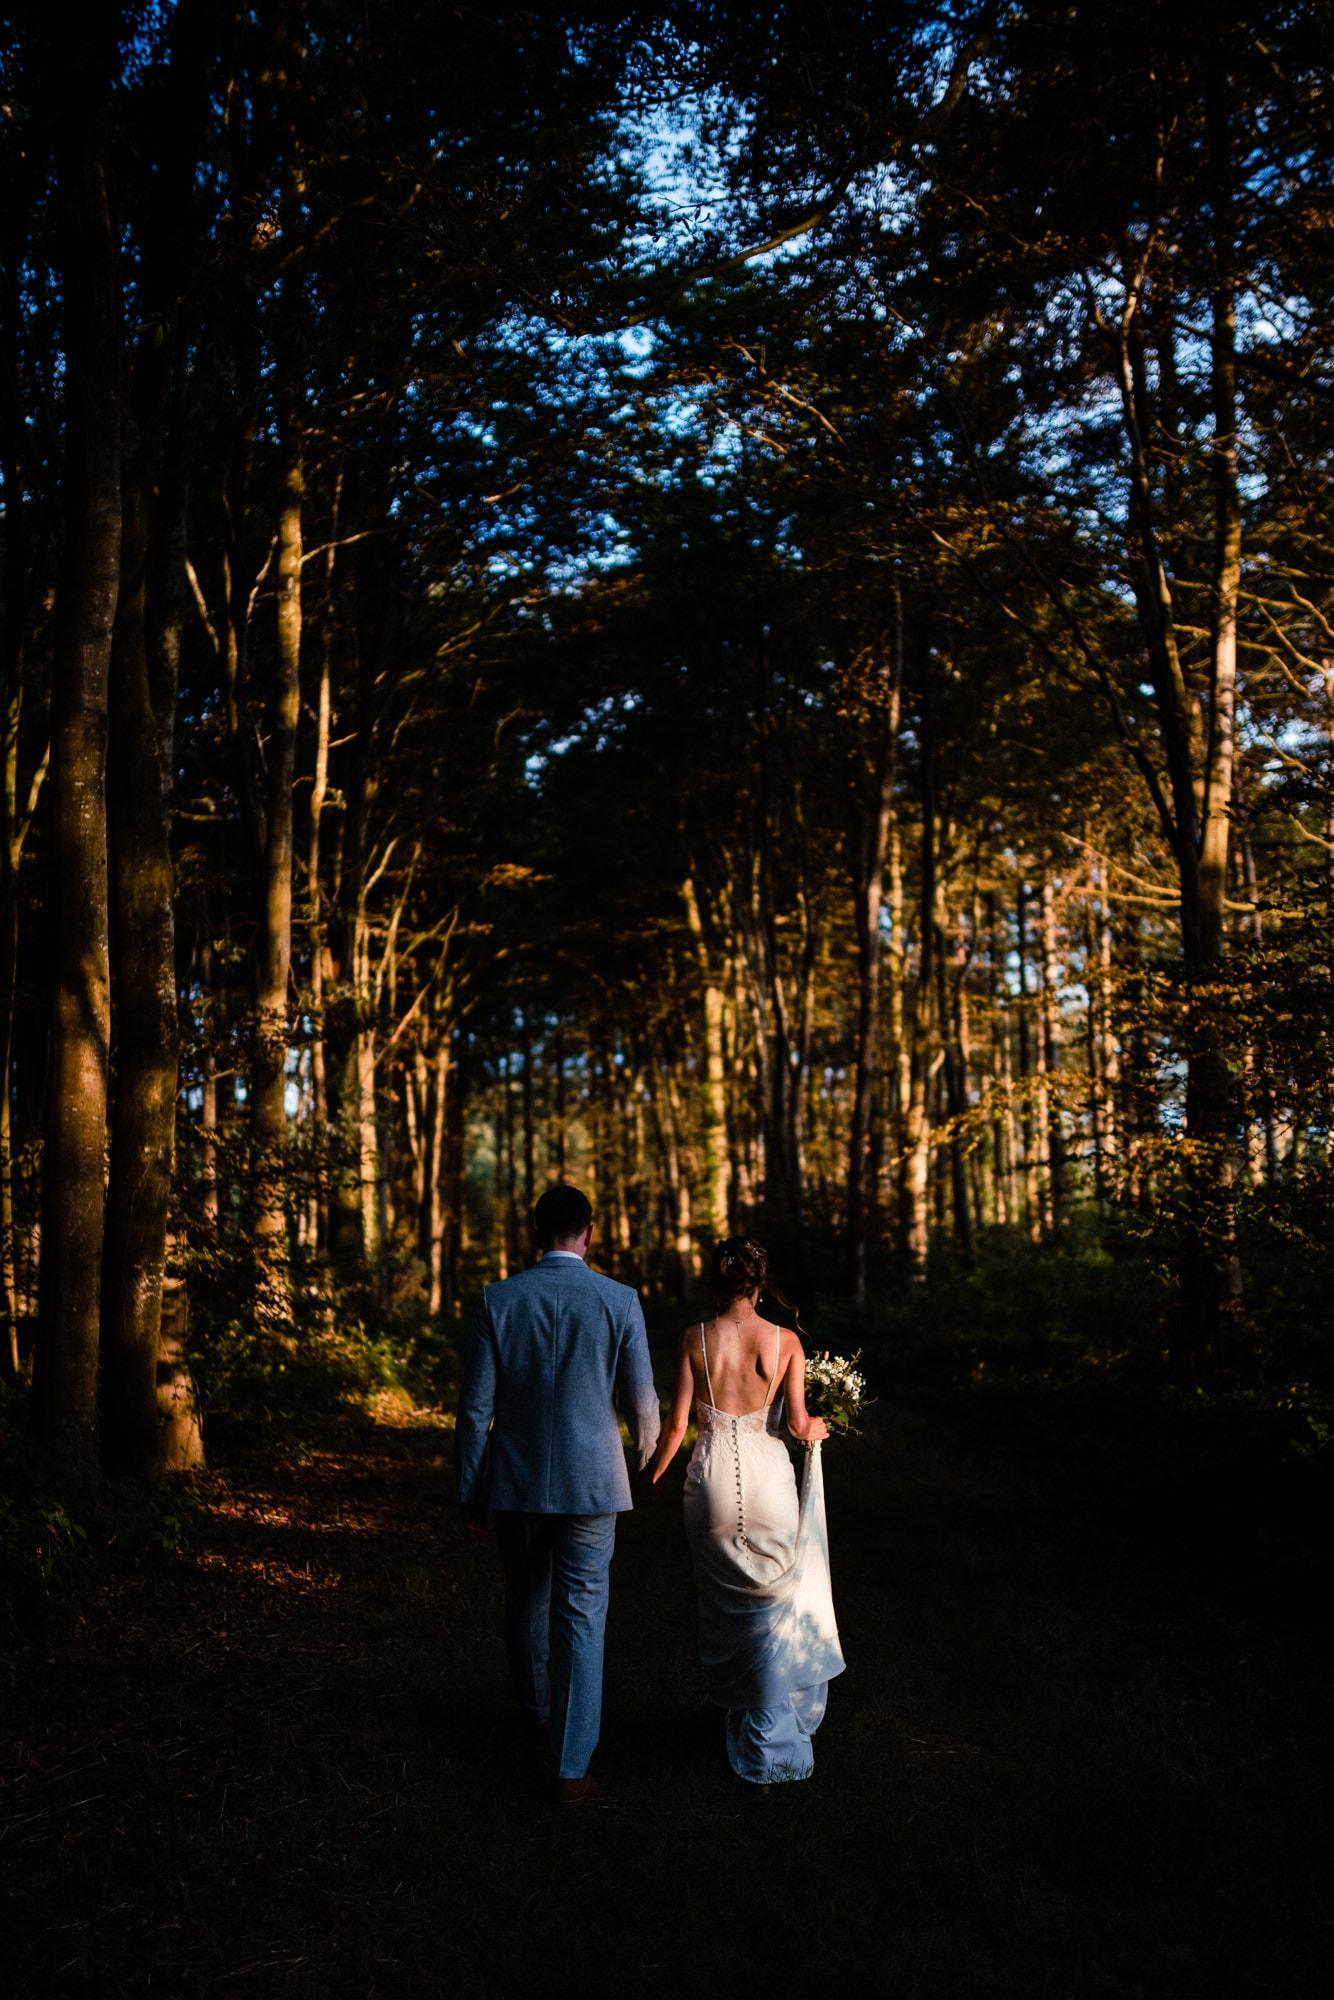 dorset wedding photography woodland